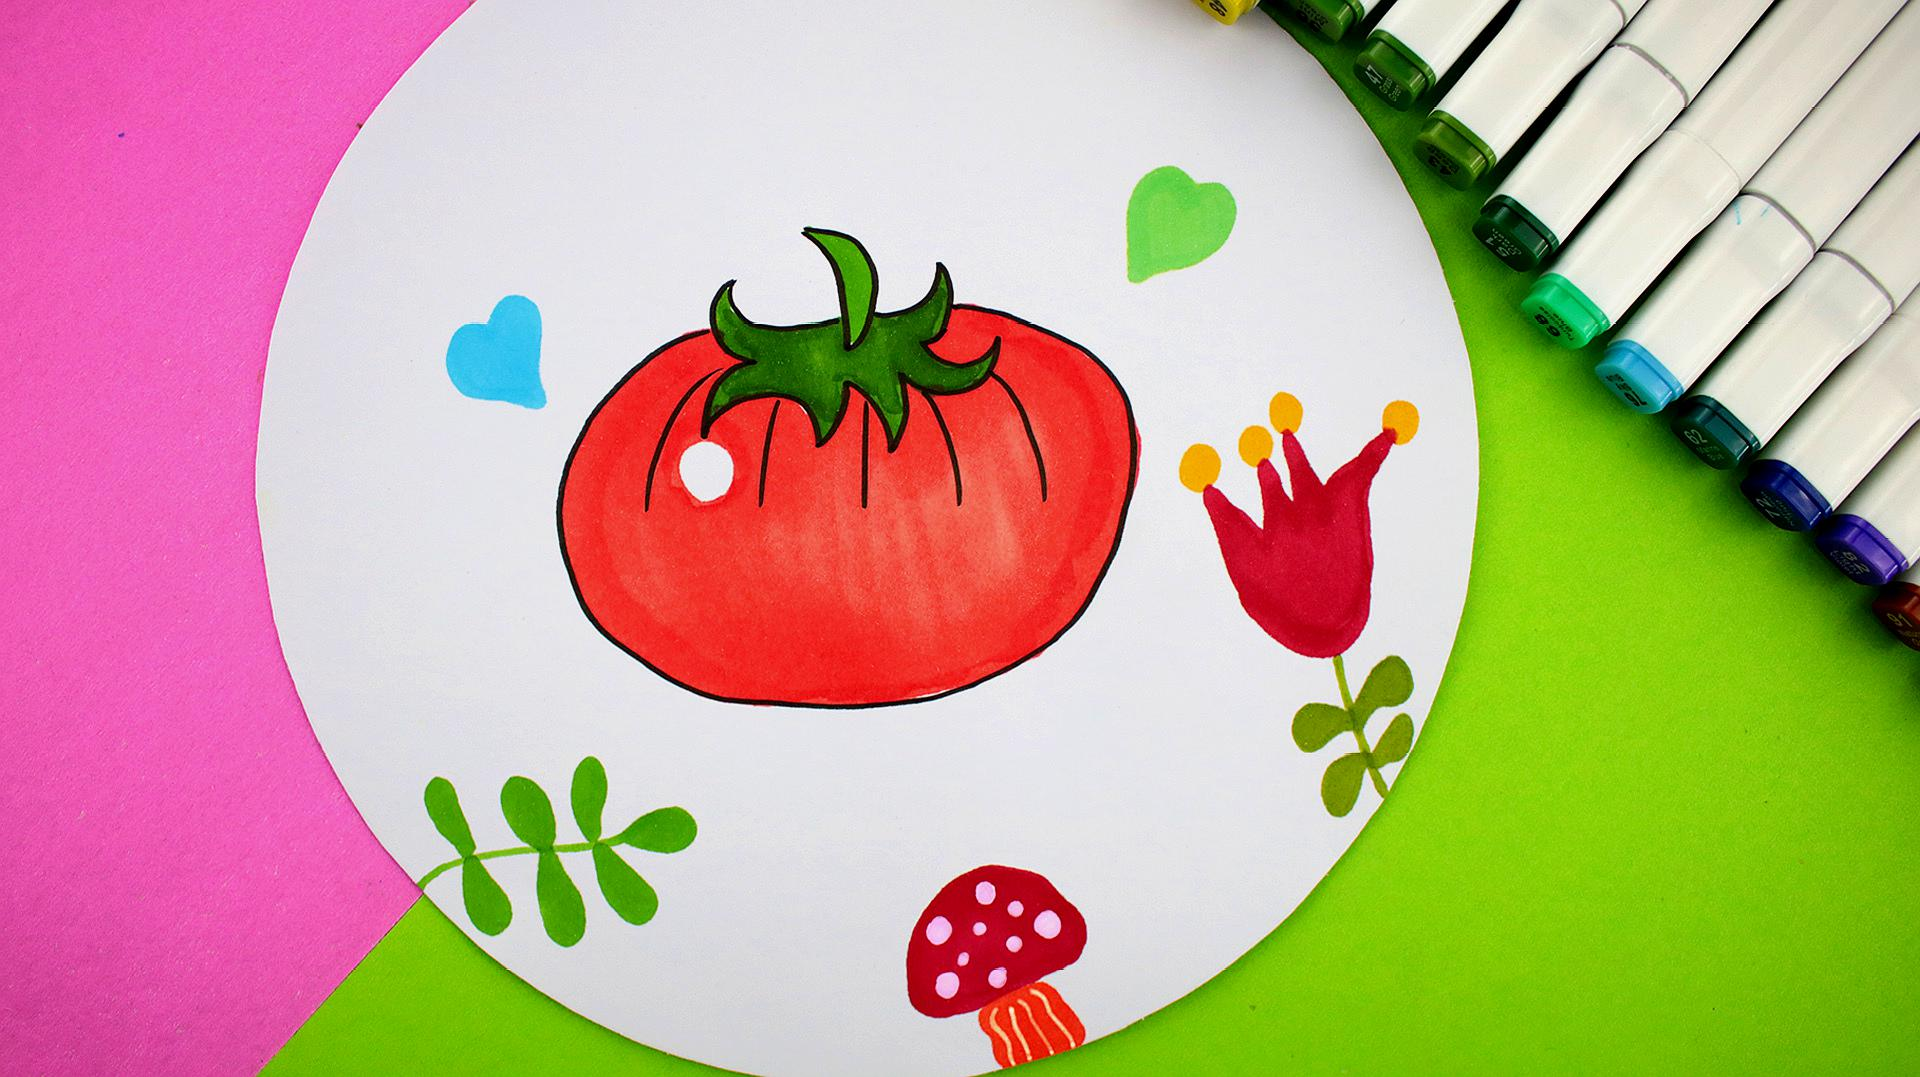 画西红柿的步骤